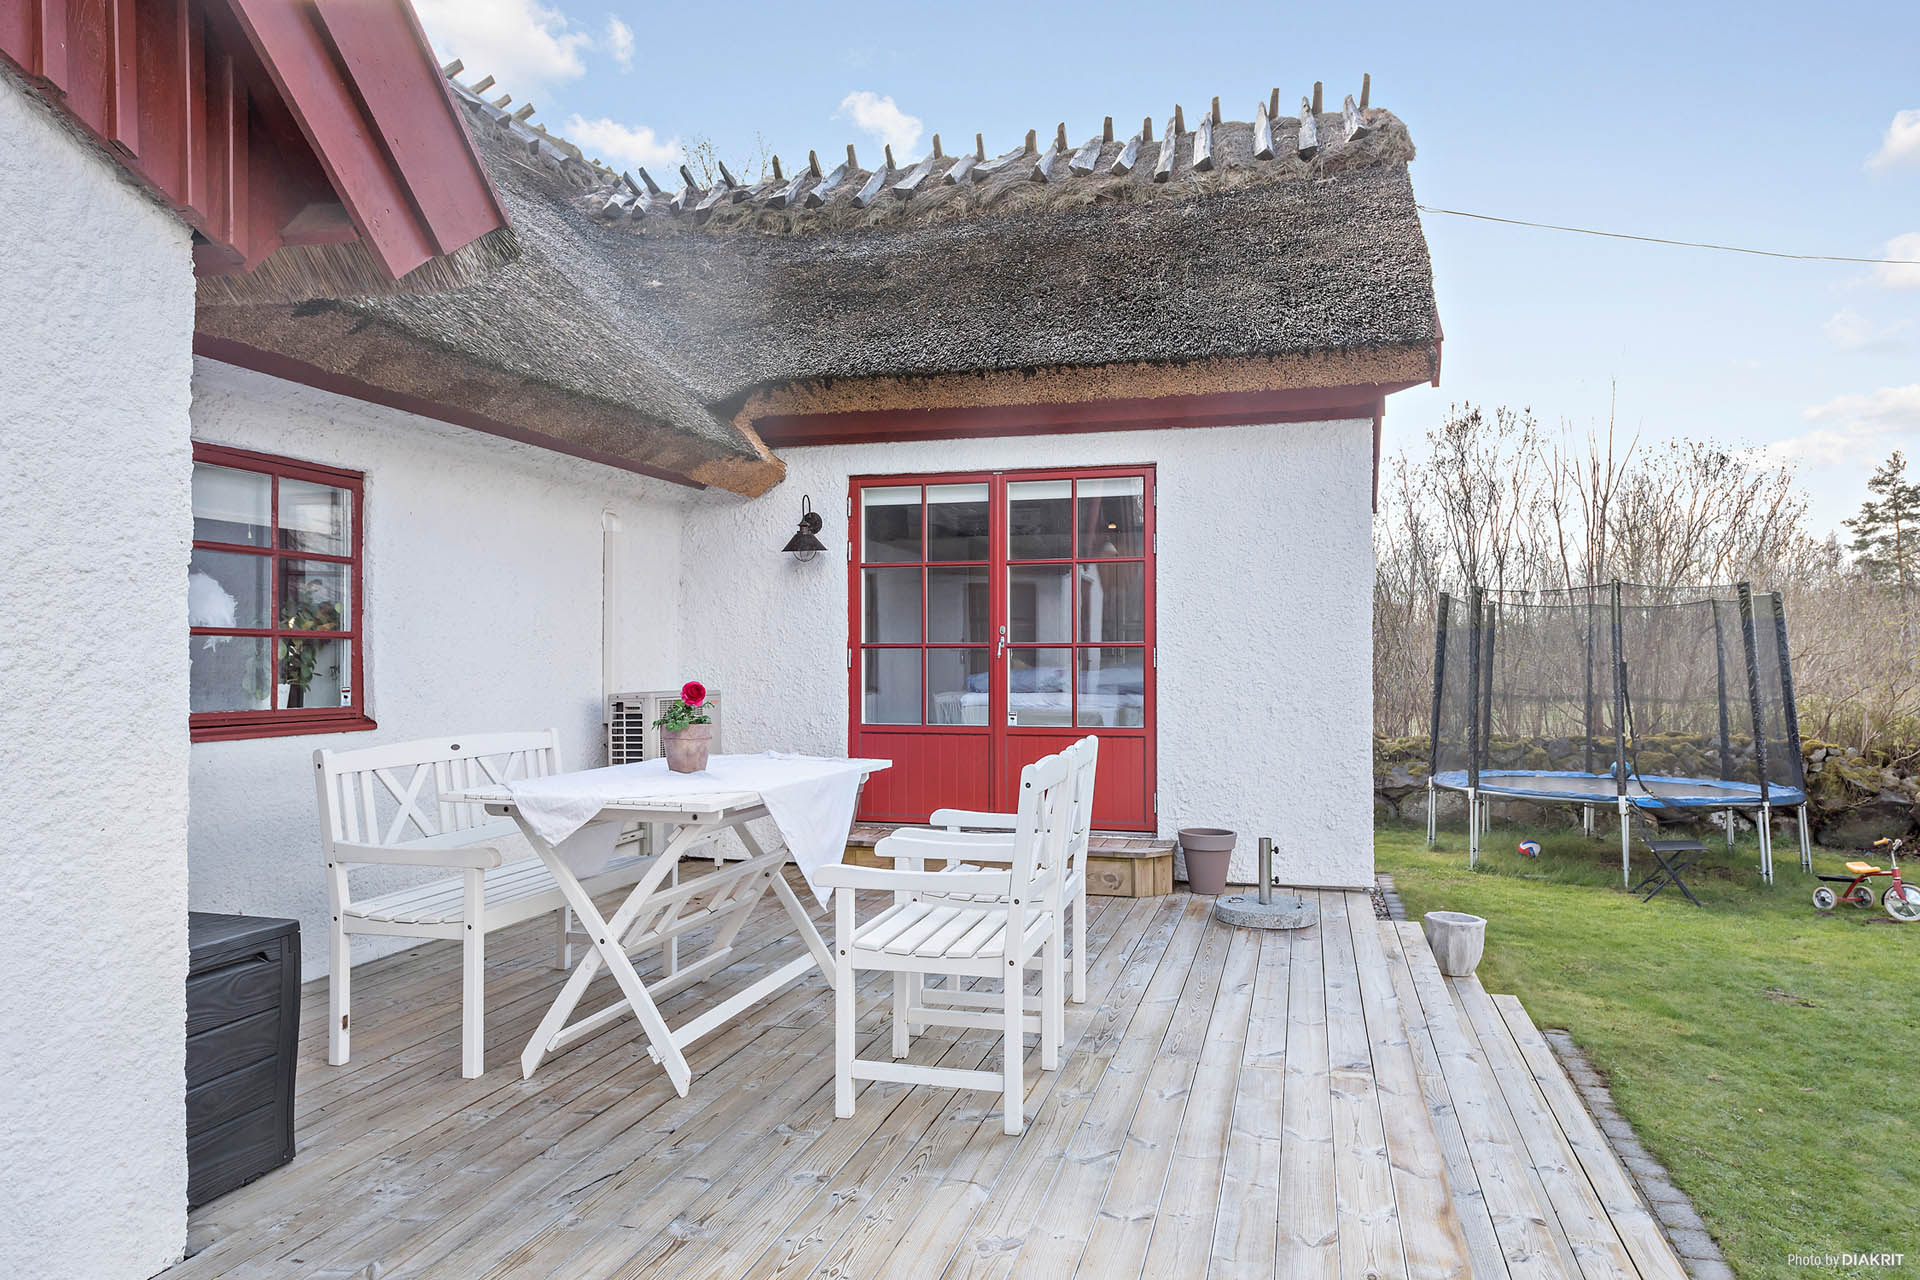 Från kök och hall når vi innergården! Tänk, snart kan man sitta ute och njuta!